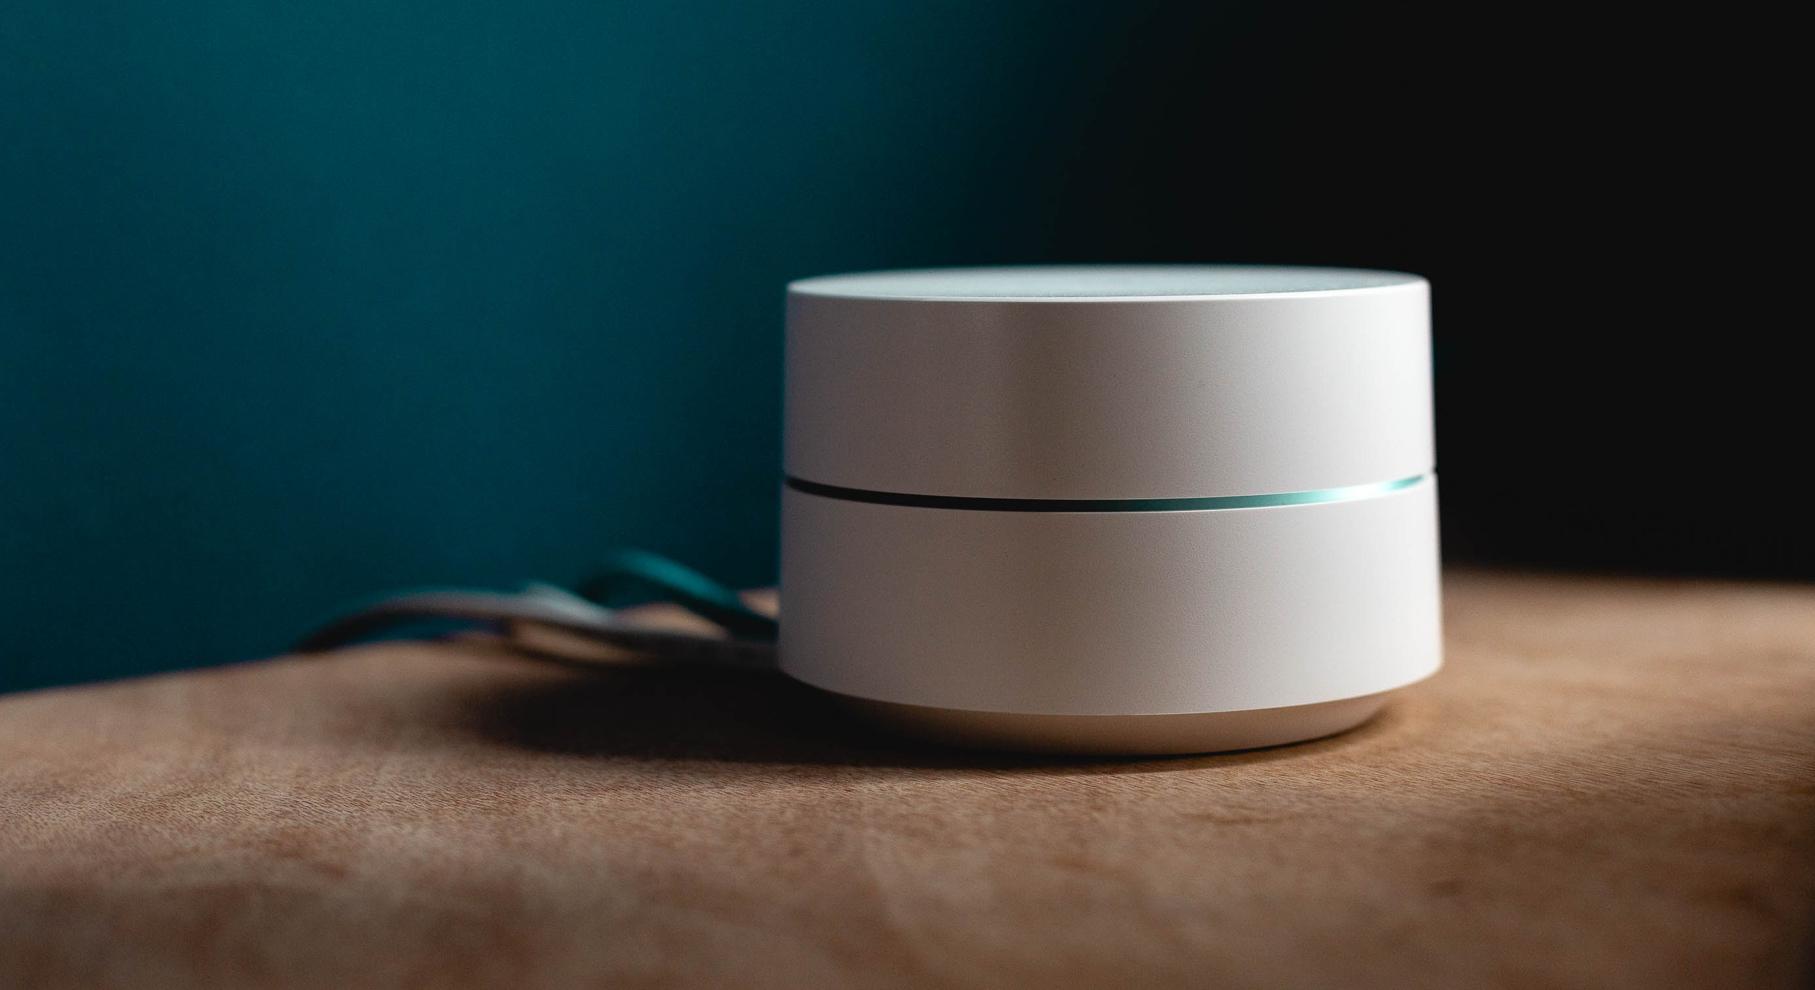 1 router = 1 ISP - instale el firmware Althea en su enrutador y estará listo para vender la conexión a otros